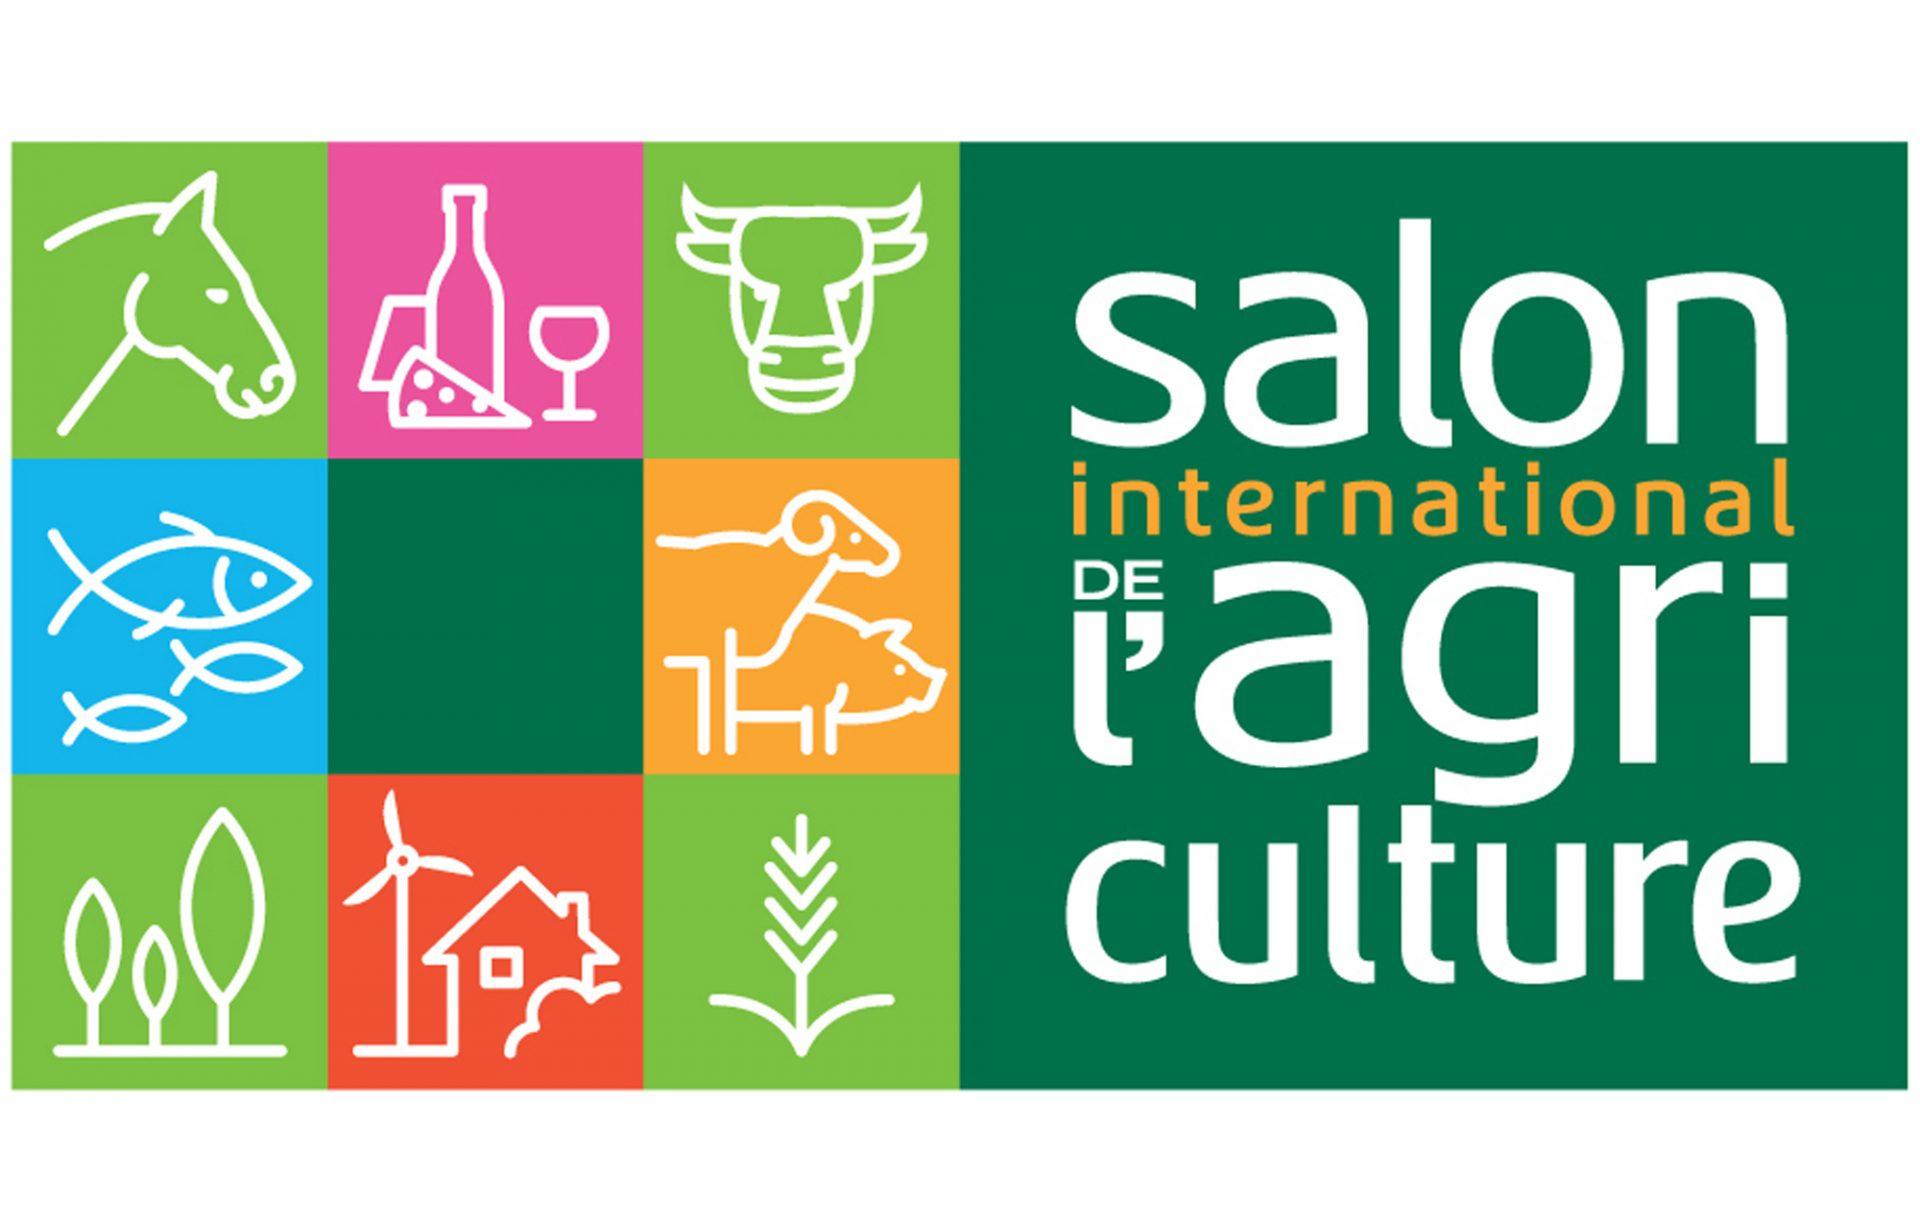 Le salon de l 39 agriculture ouvre demain for Salon du management